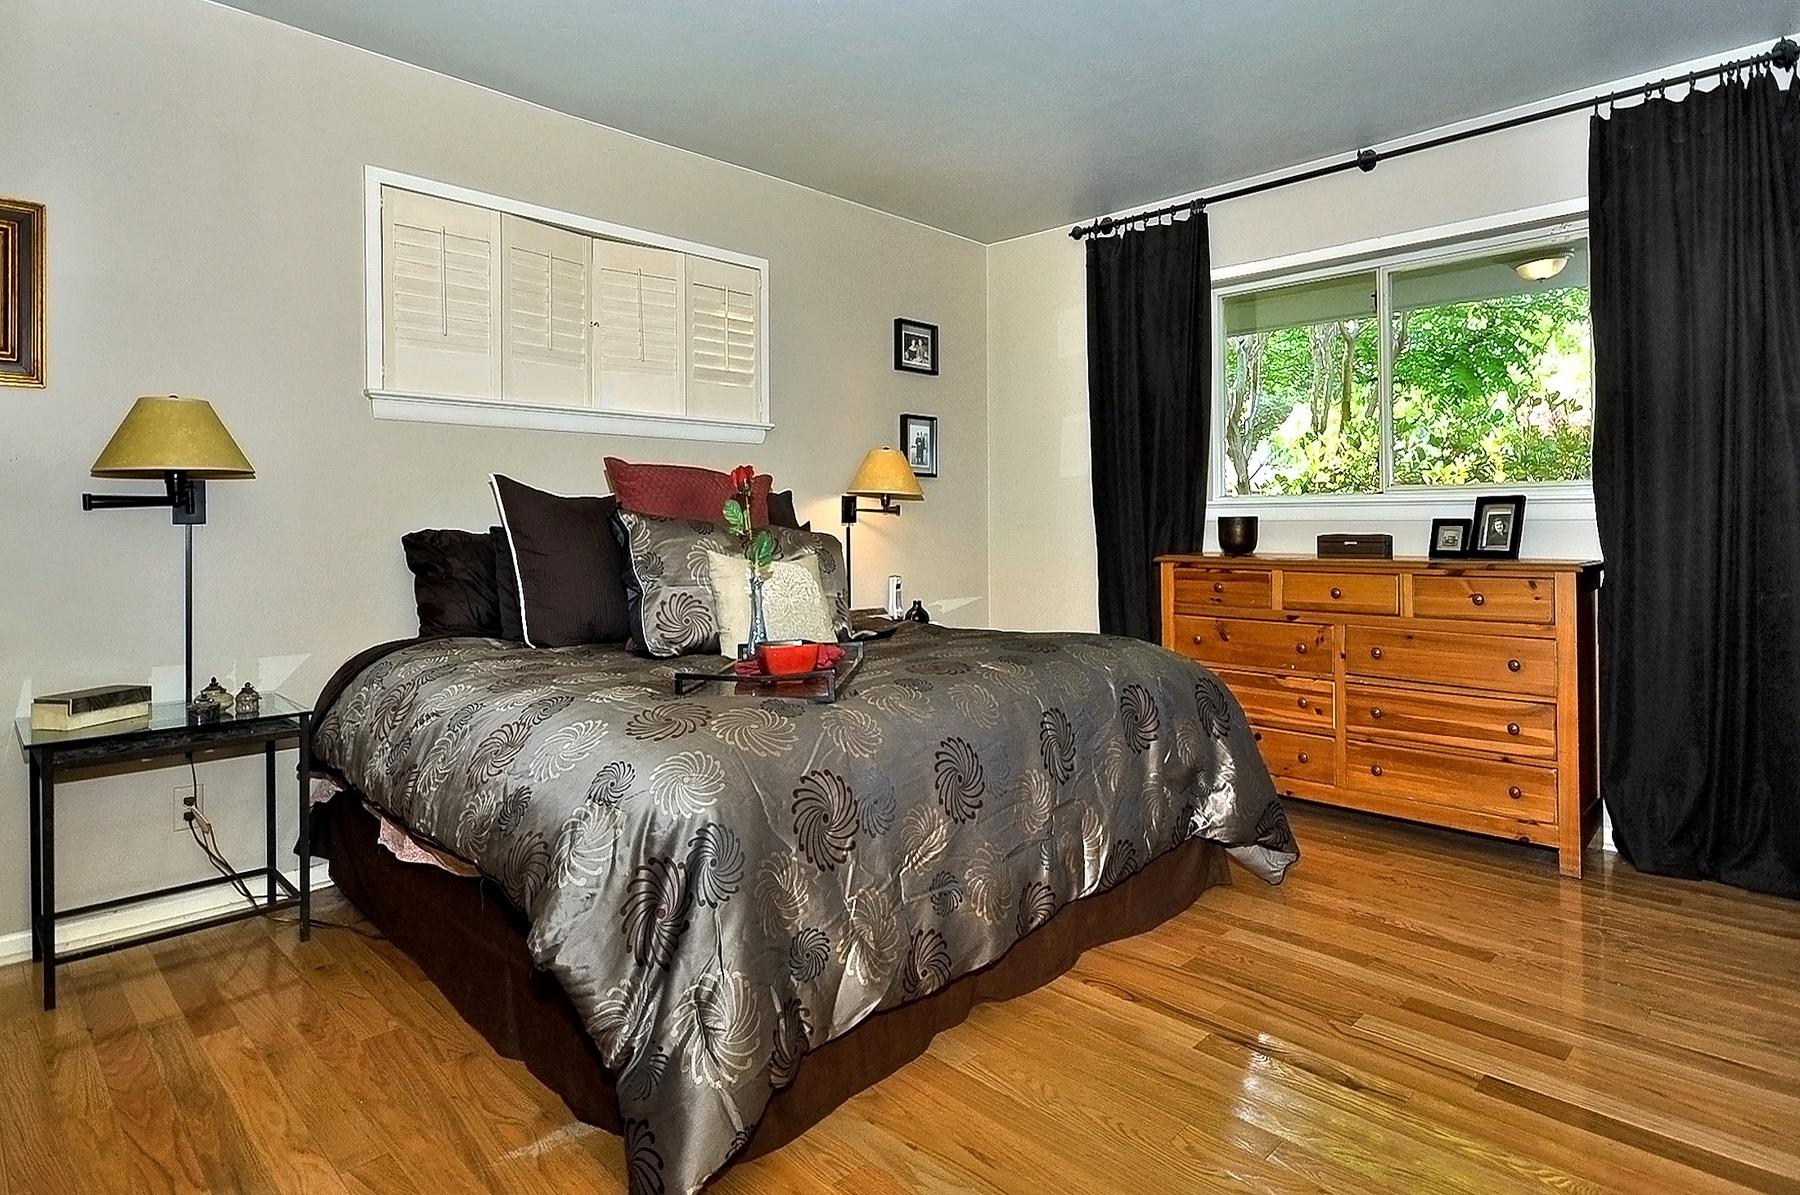 3350 Valiant Dallas Master Bedroom.jpg